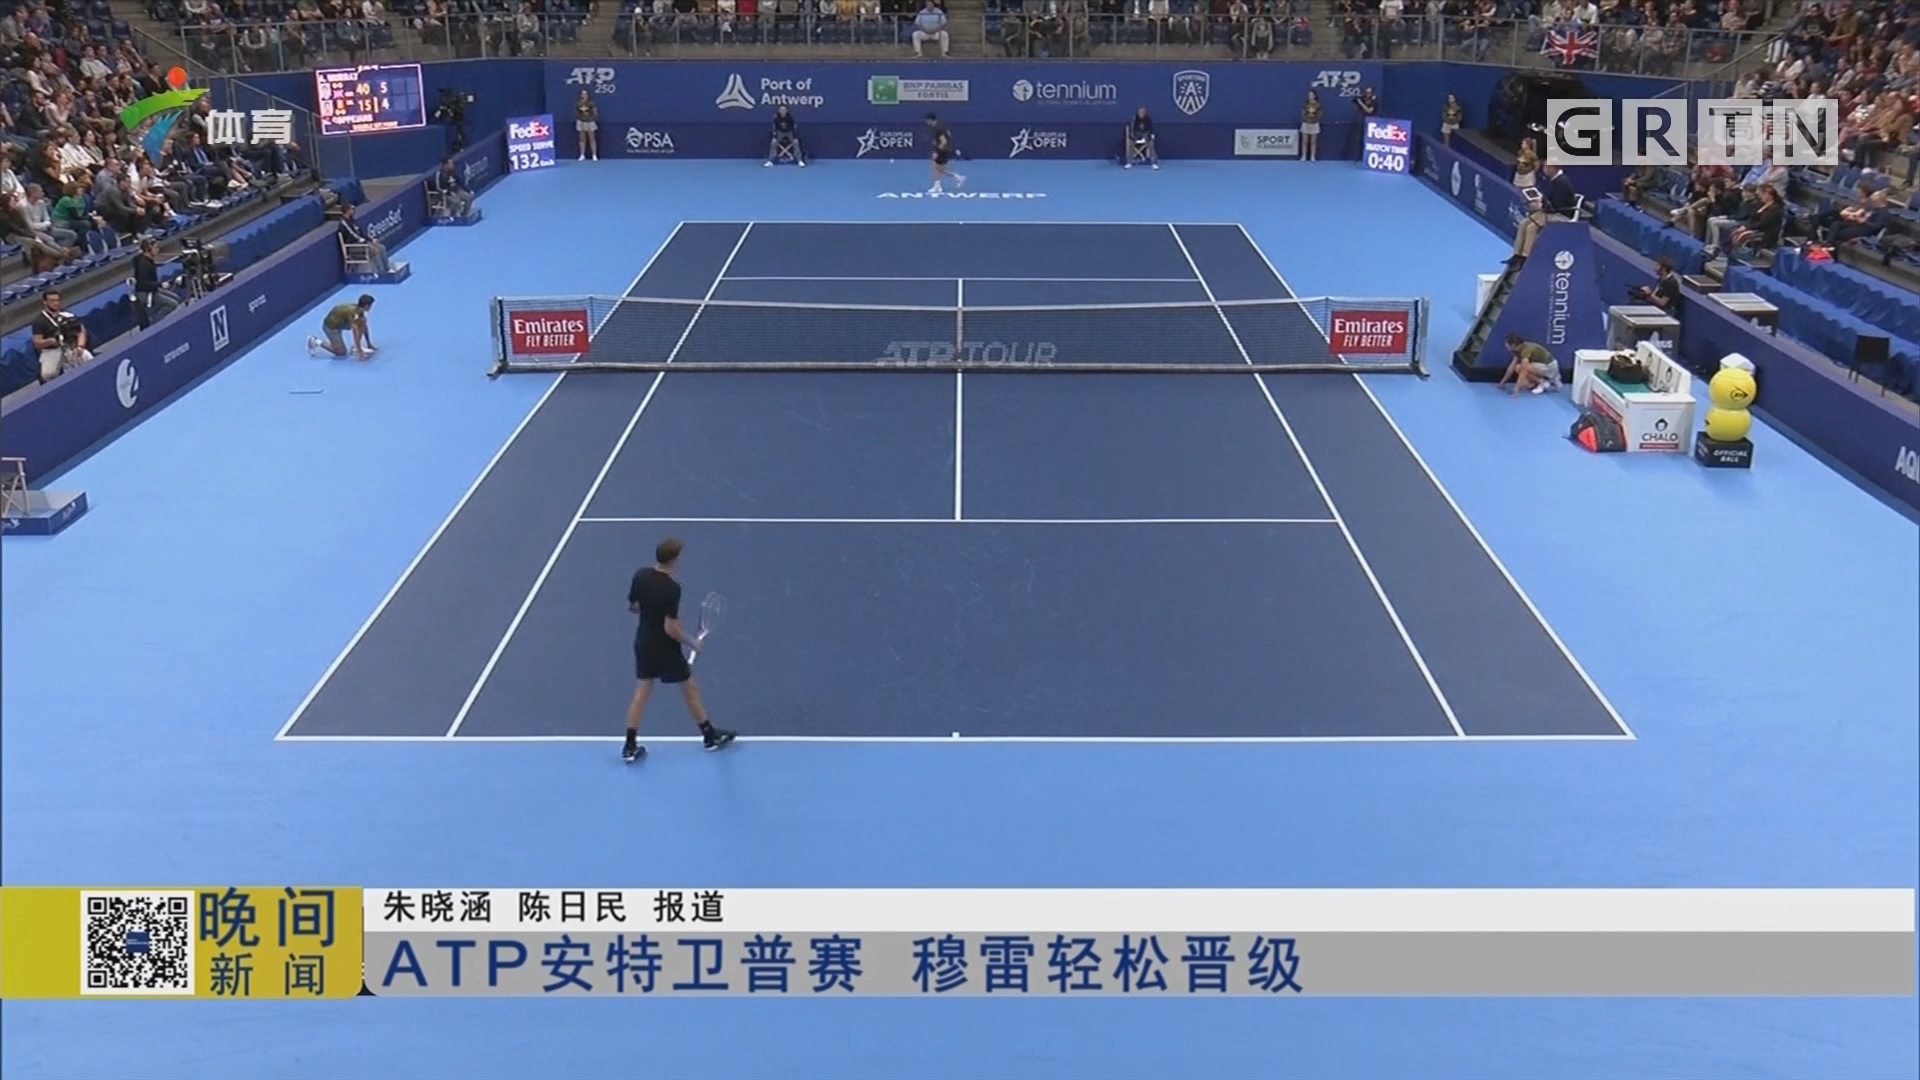 ATP安特卫普赛 穆雷轻松晋级